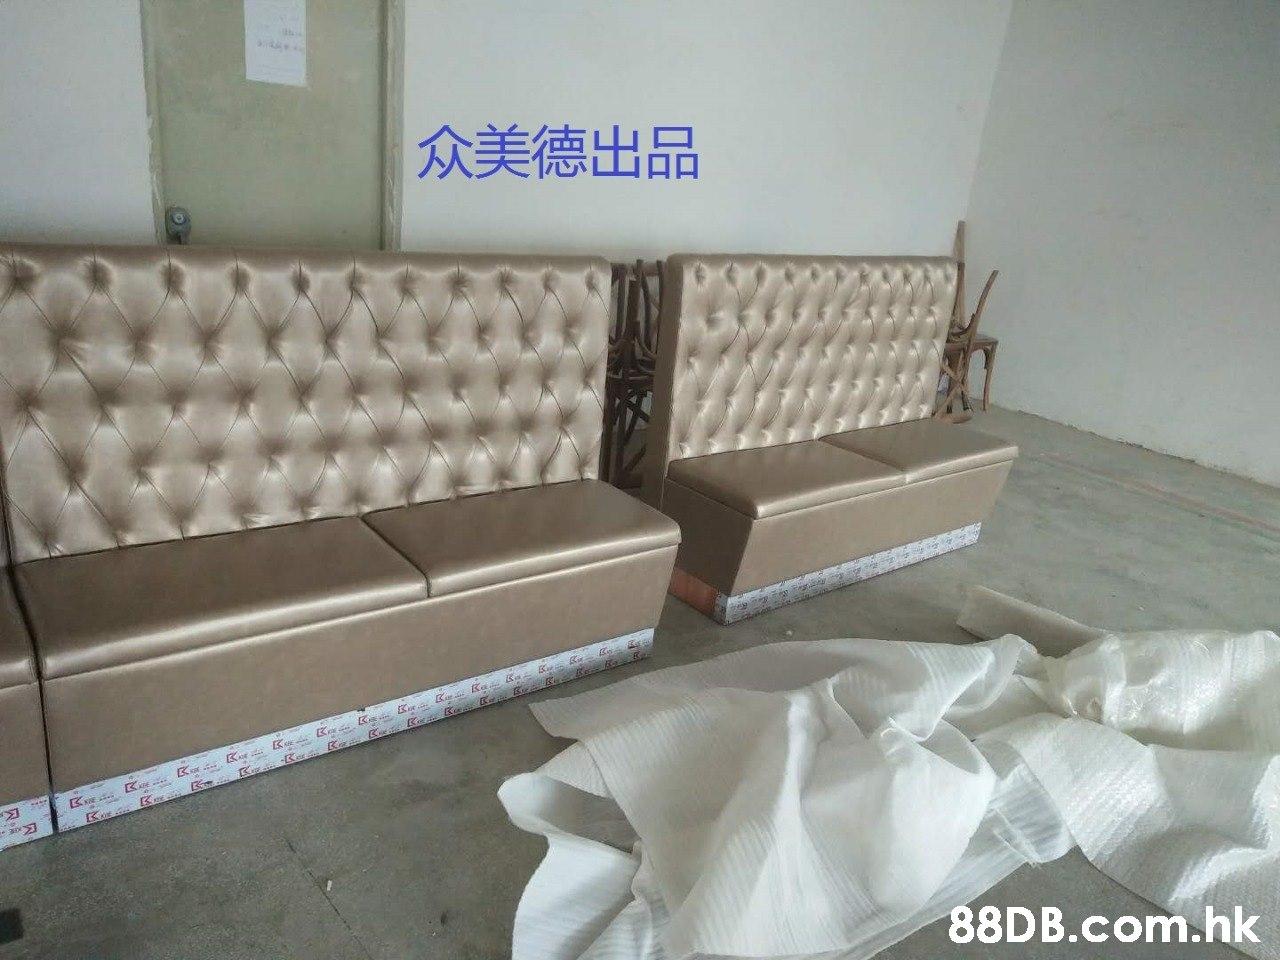 众美德出品 .hk  Couch,Furniture,Property,Room,Sofa bed